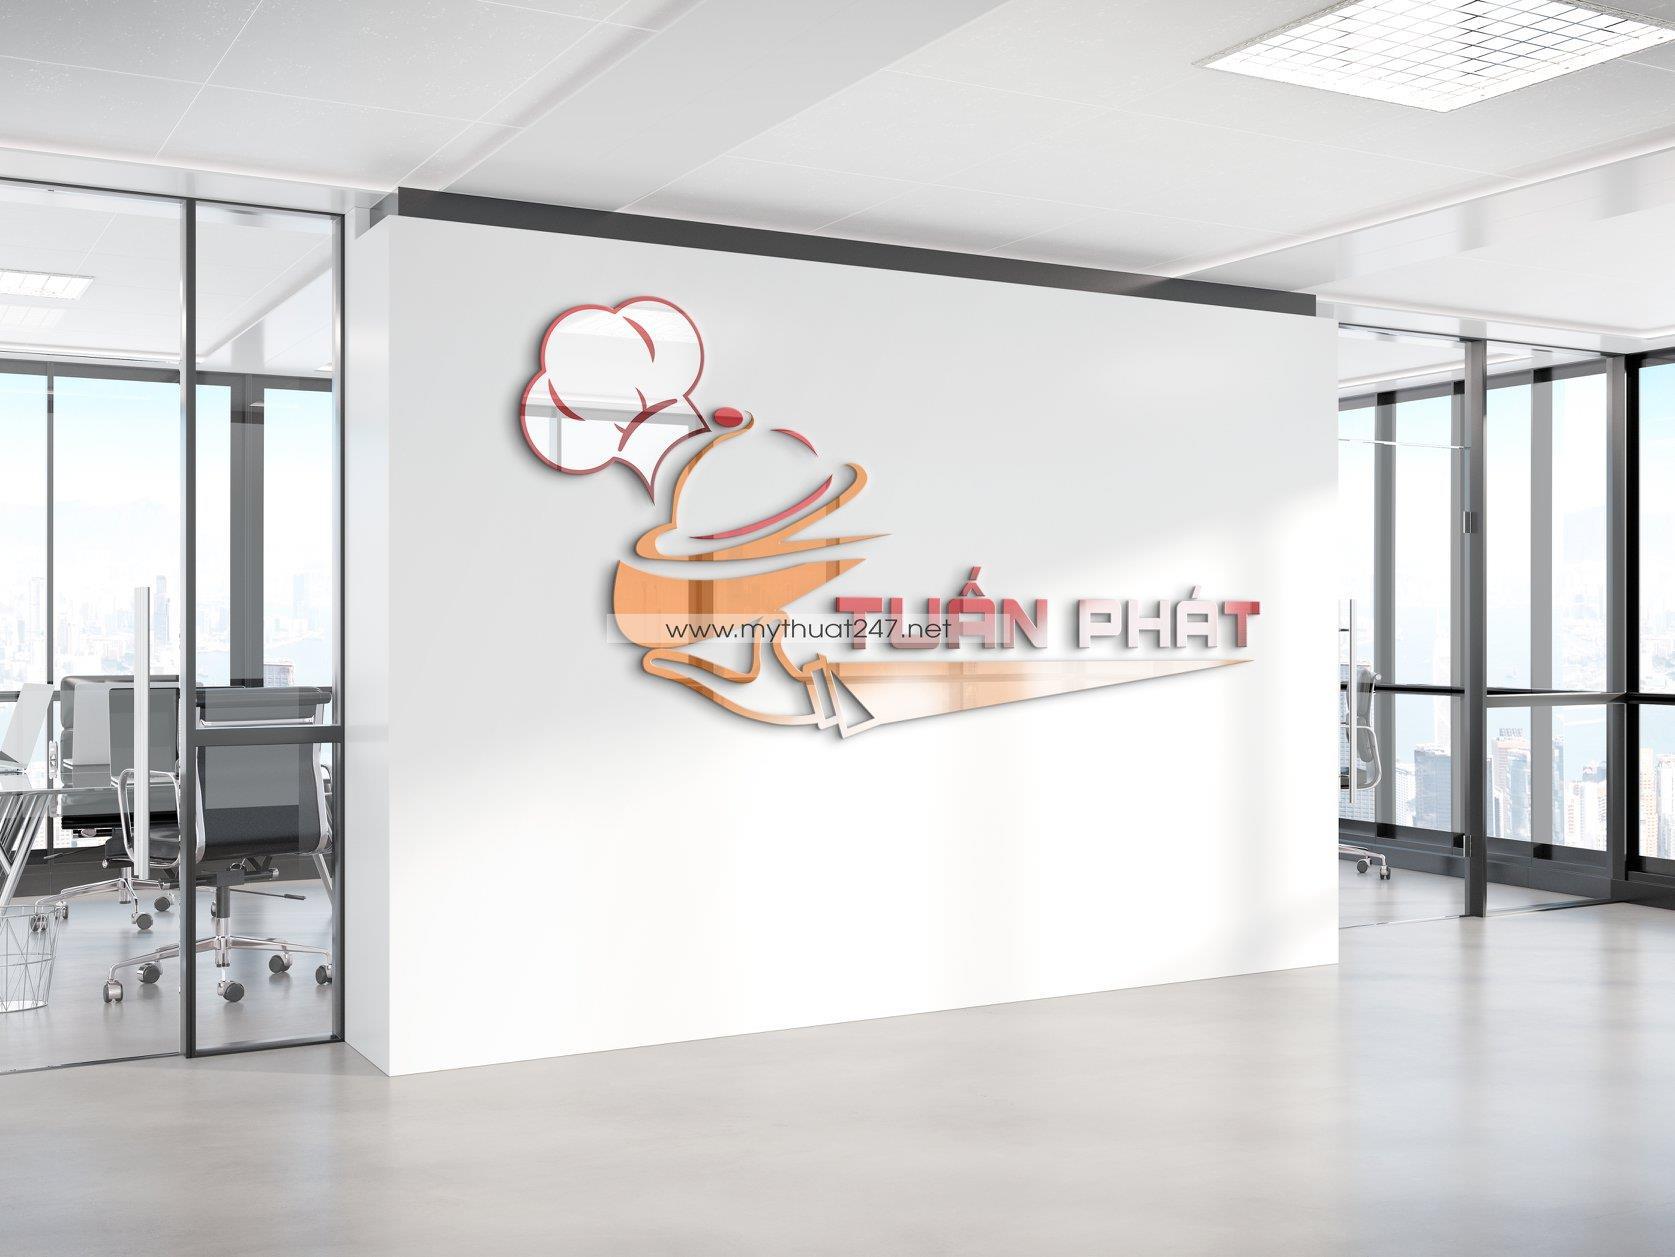 Thiết kế logo suất ăn công nghiệp tuấn phát